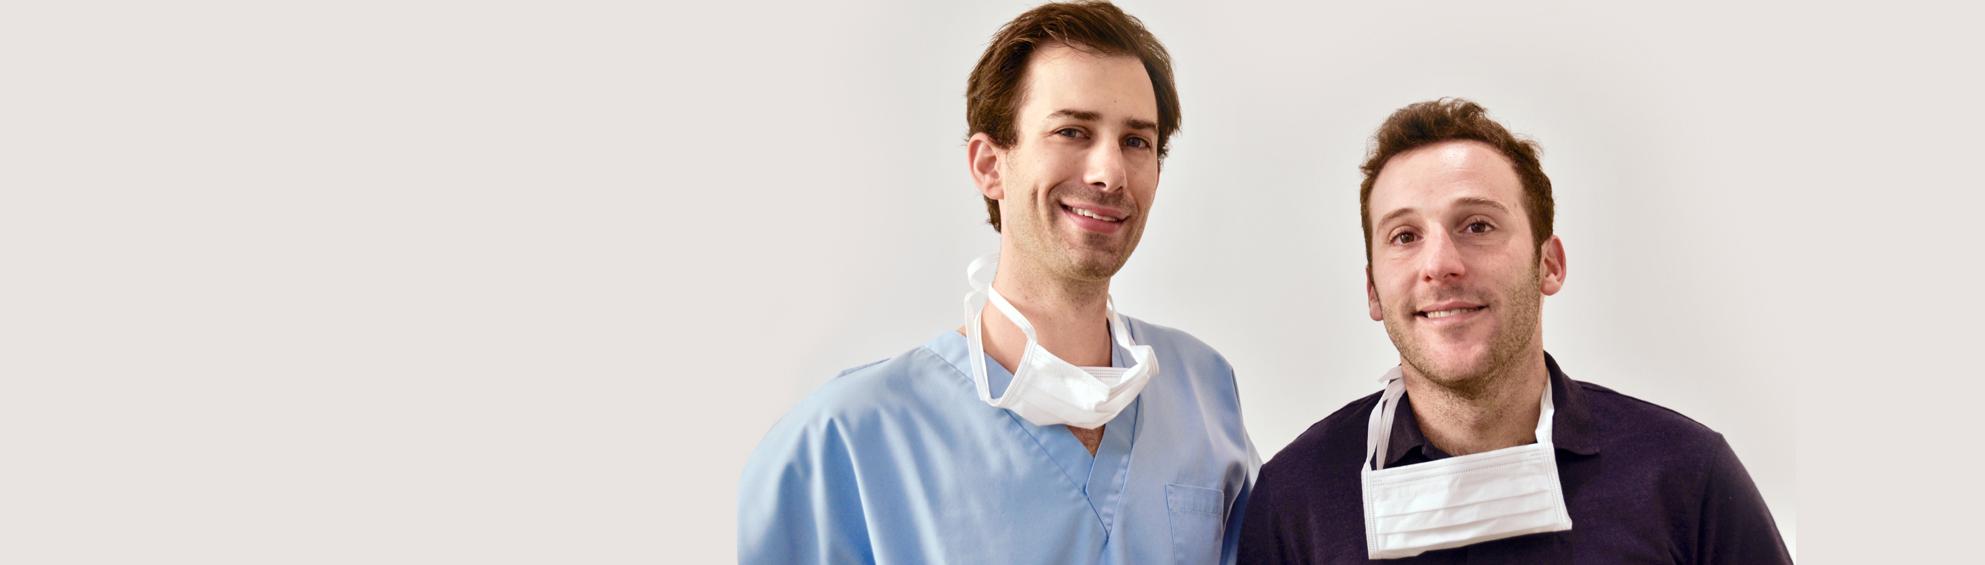 Chirurgien-dentiste